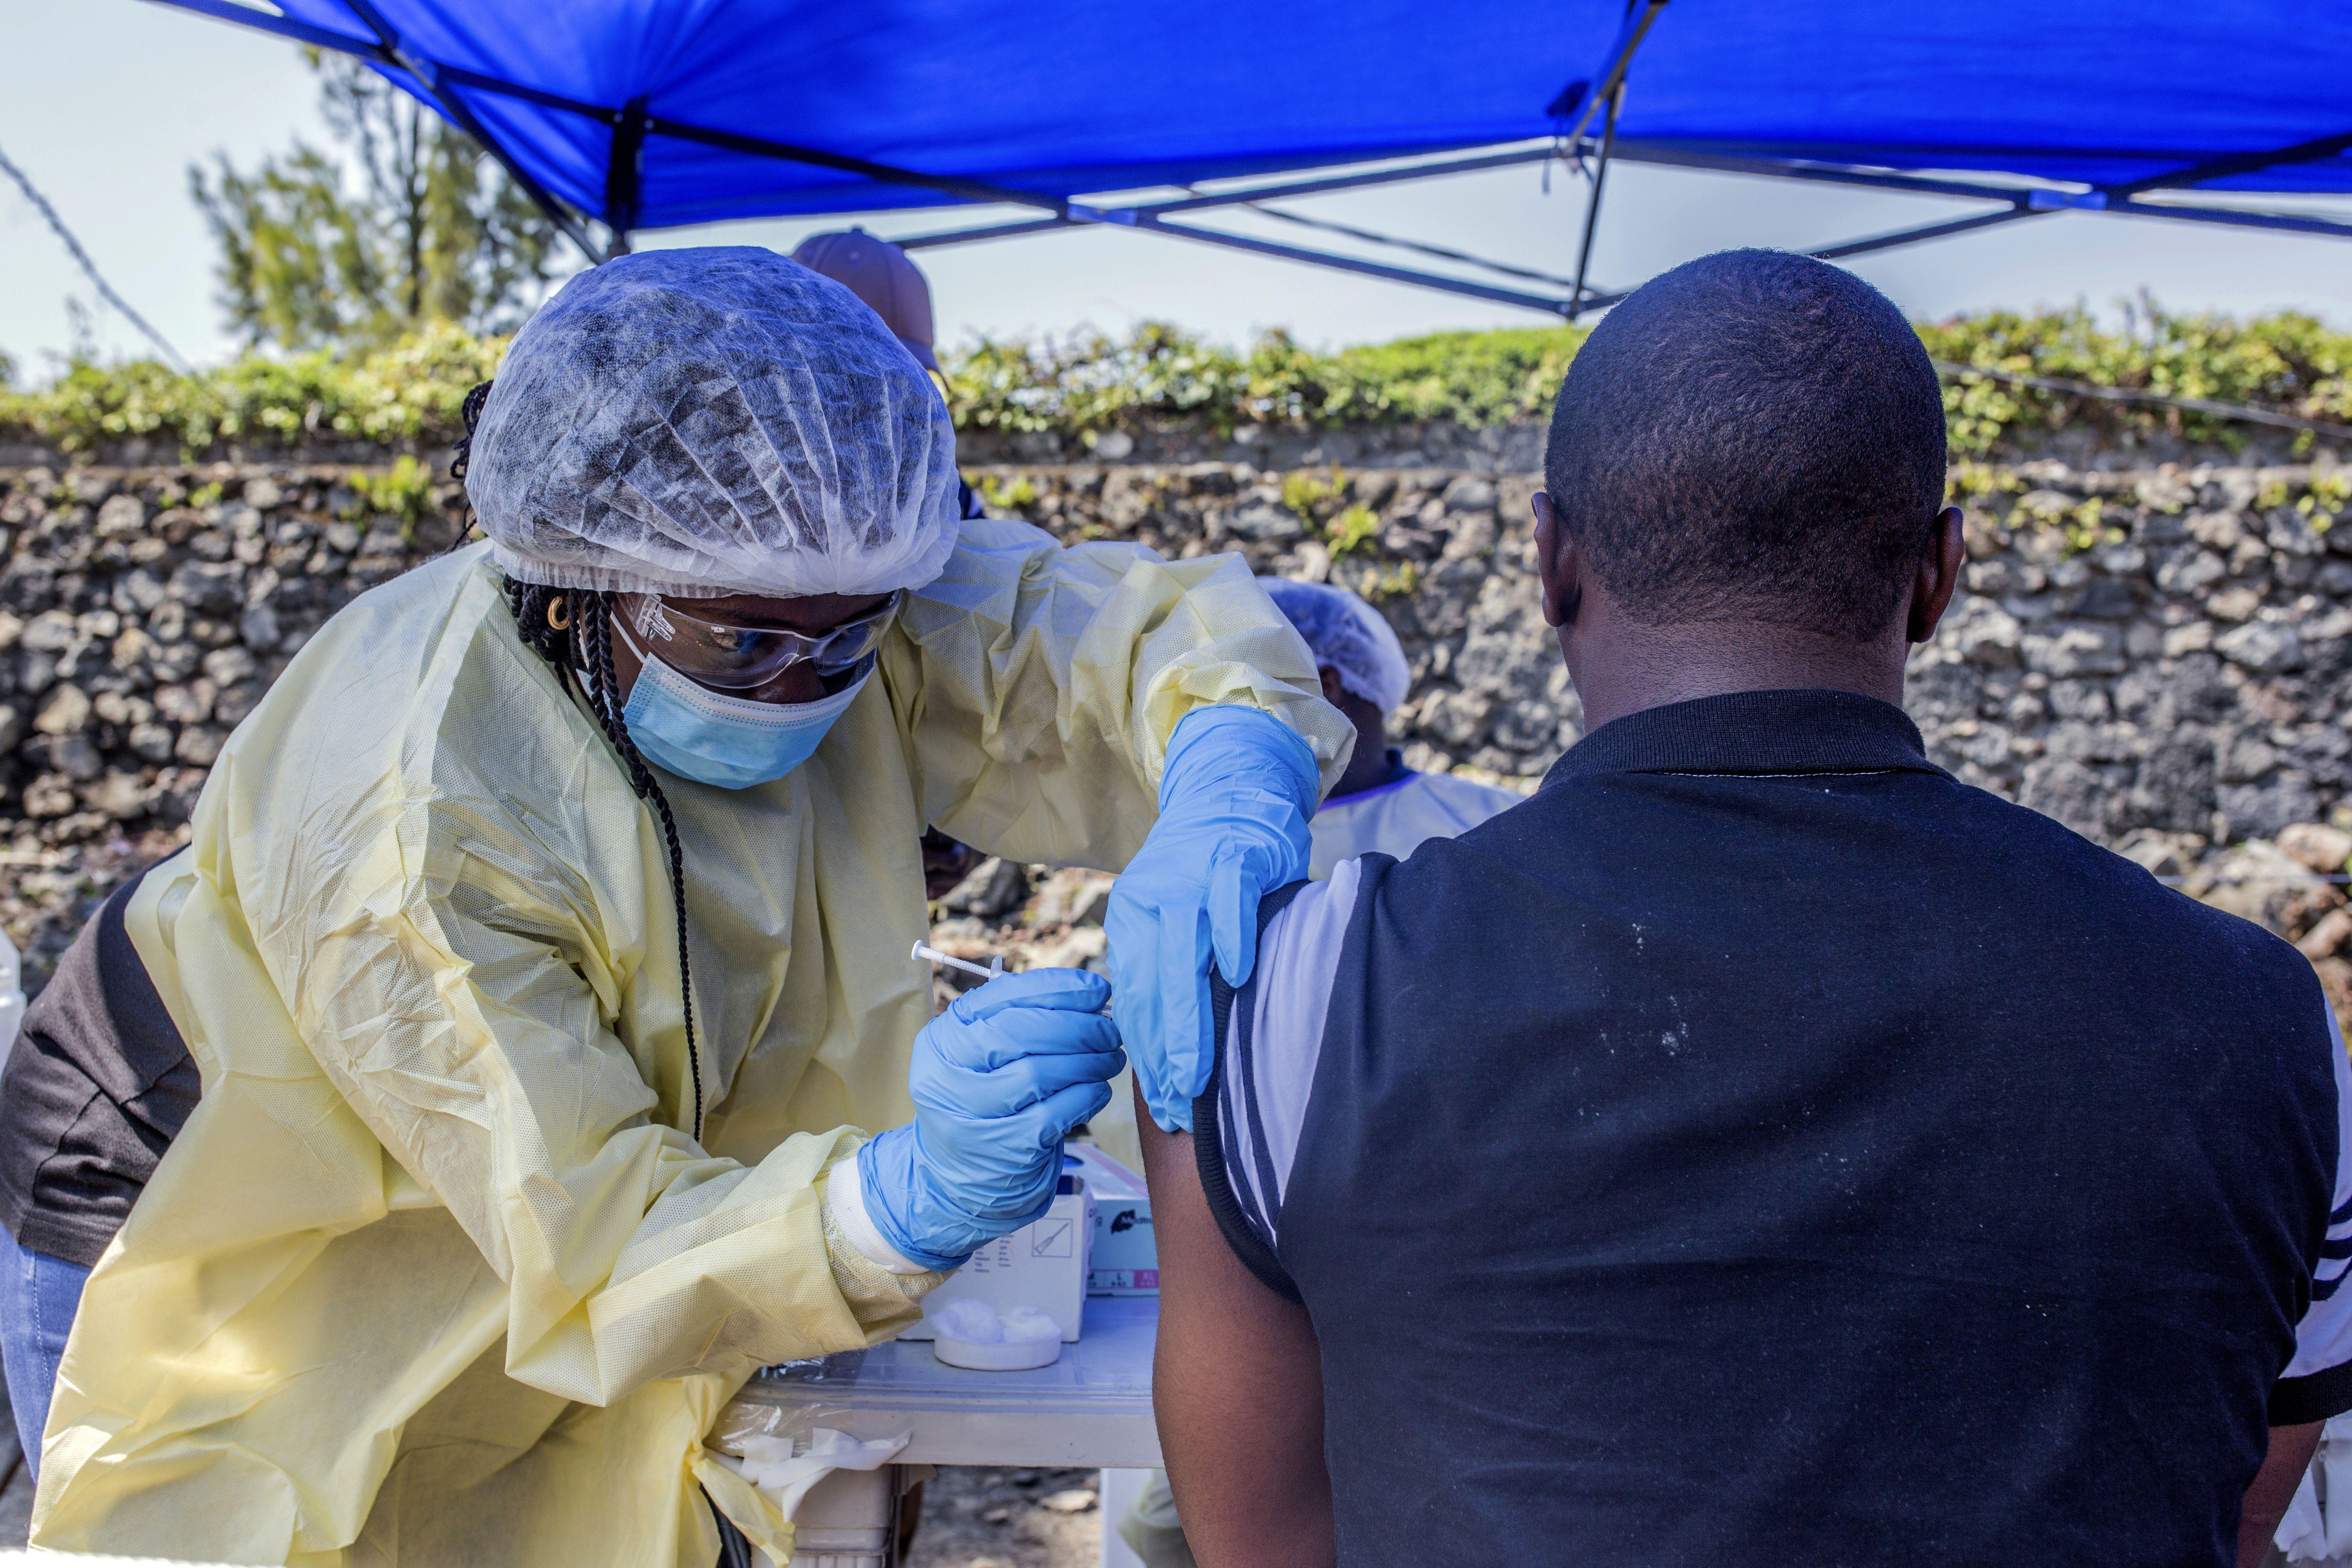 DRCONGO-HEALTH-EBOLA-EMERGENCY